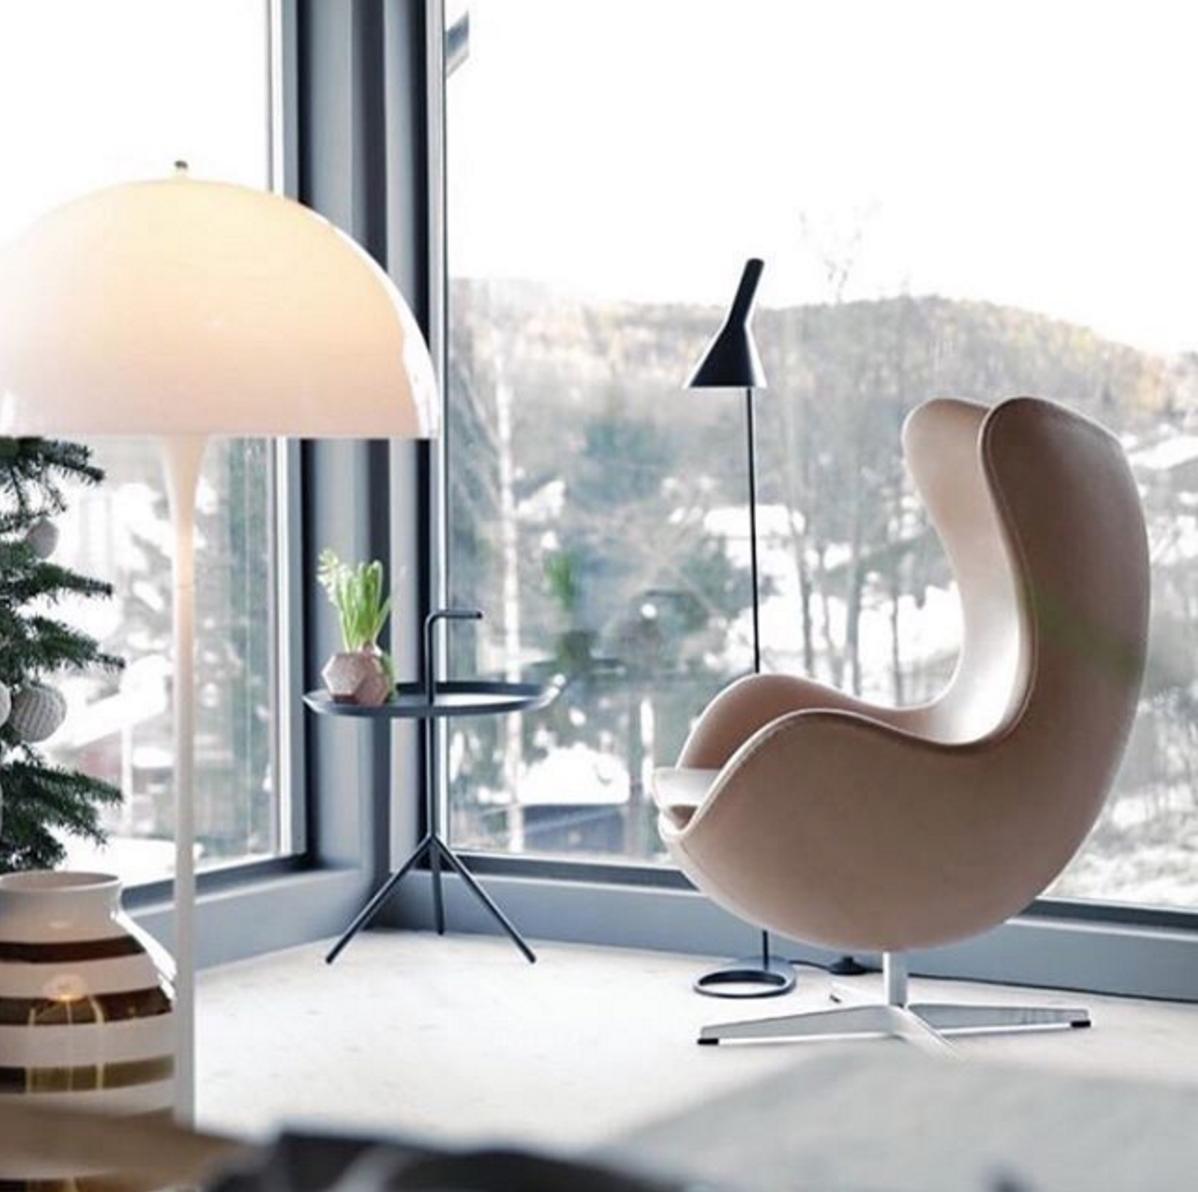 coups d 39 oeil sur la toile 13 le buzz de rouen. Black Bedroom Furniture Sets. Home Design Ideas